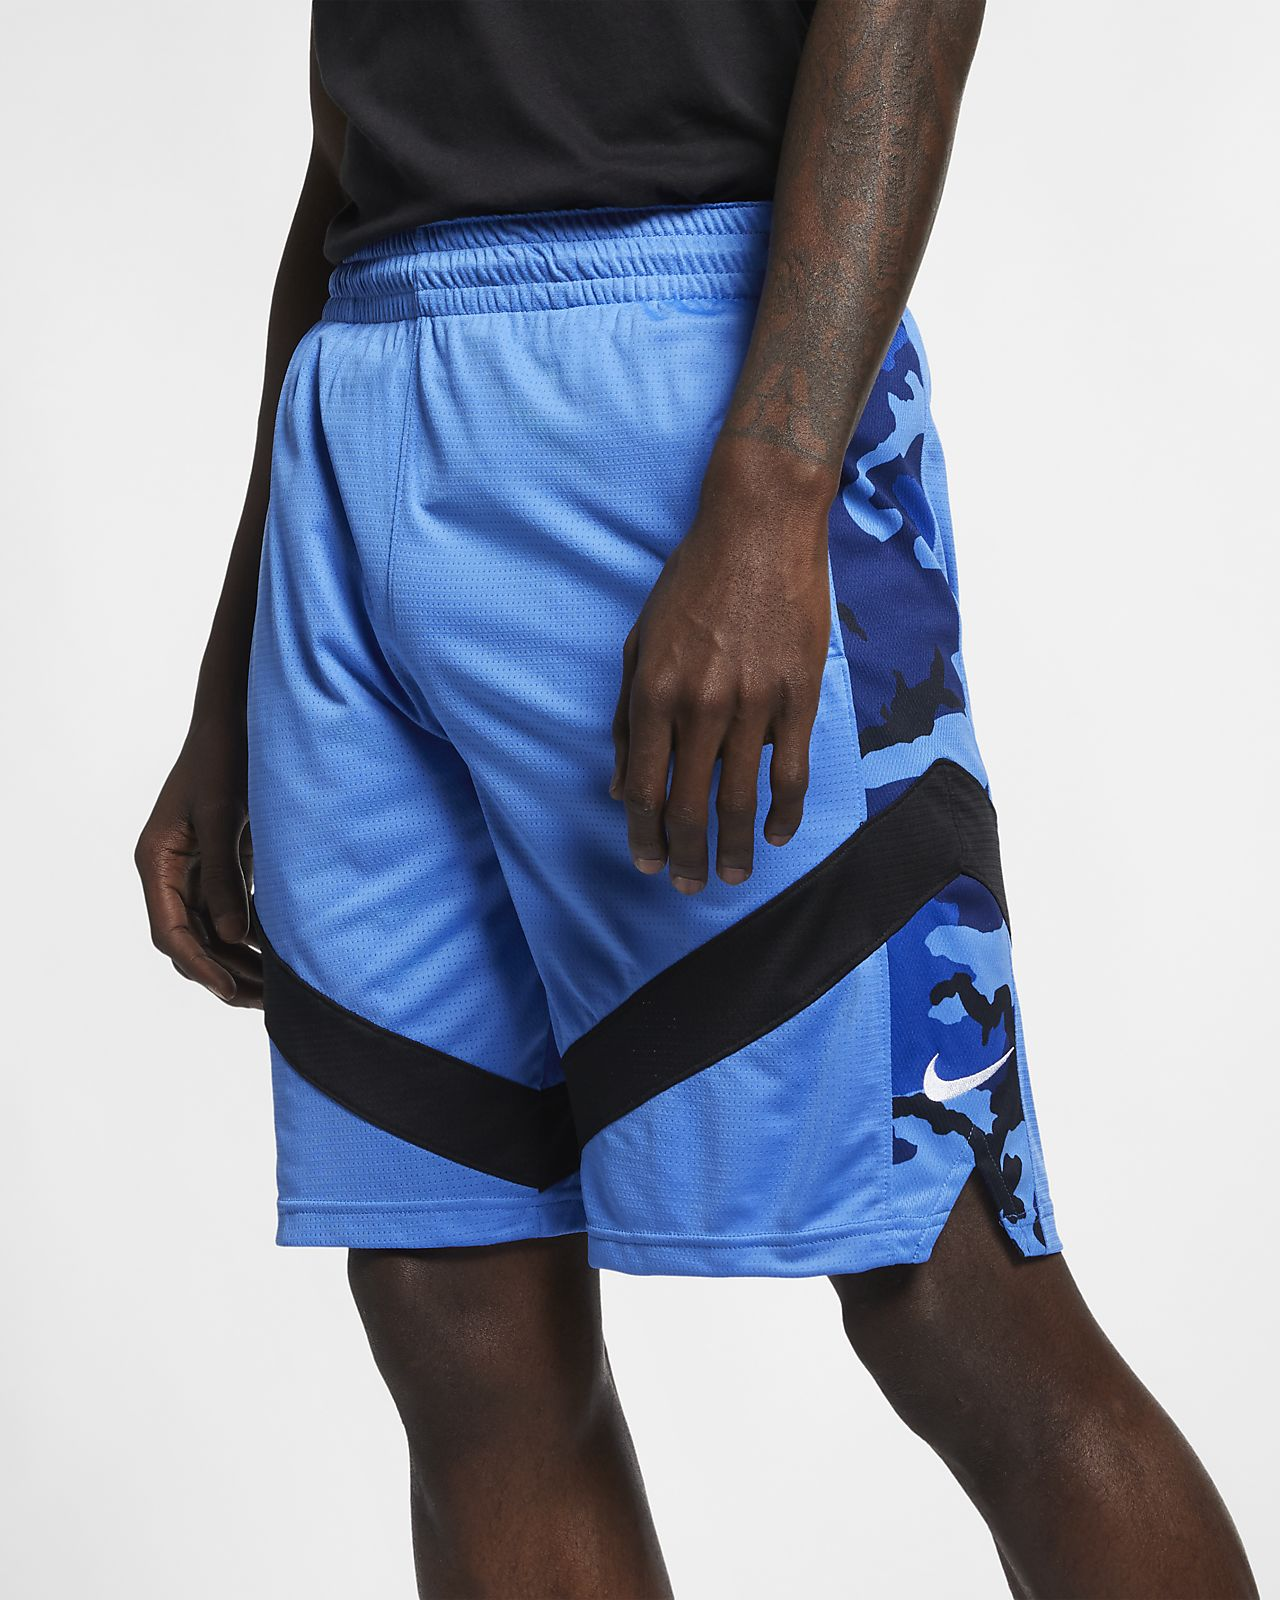 ナイキ Dri-FIT コートライン メンズ プリンテッド バスケットボールショートパンツ